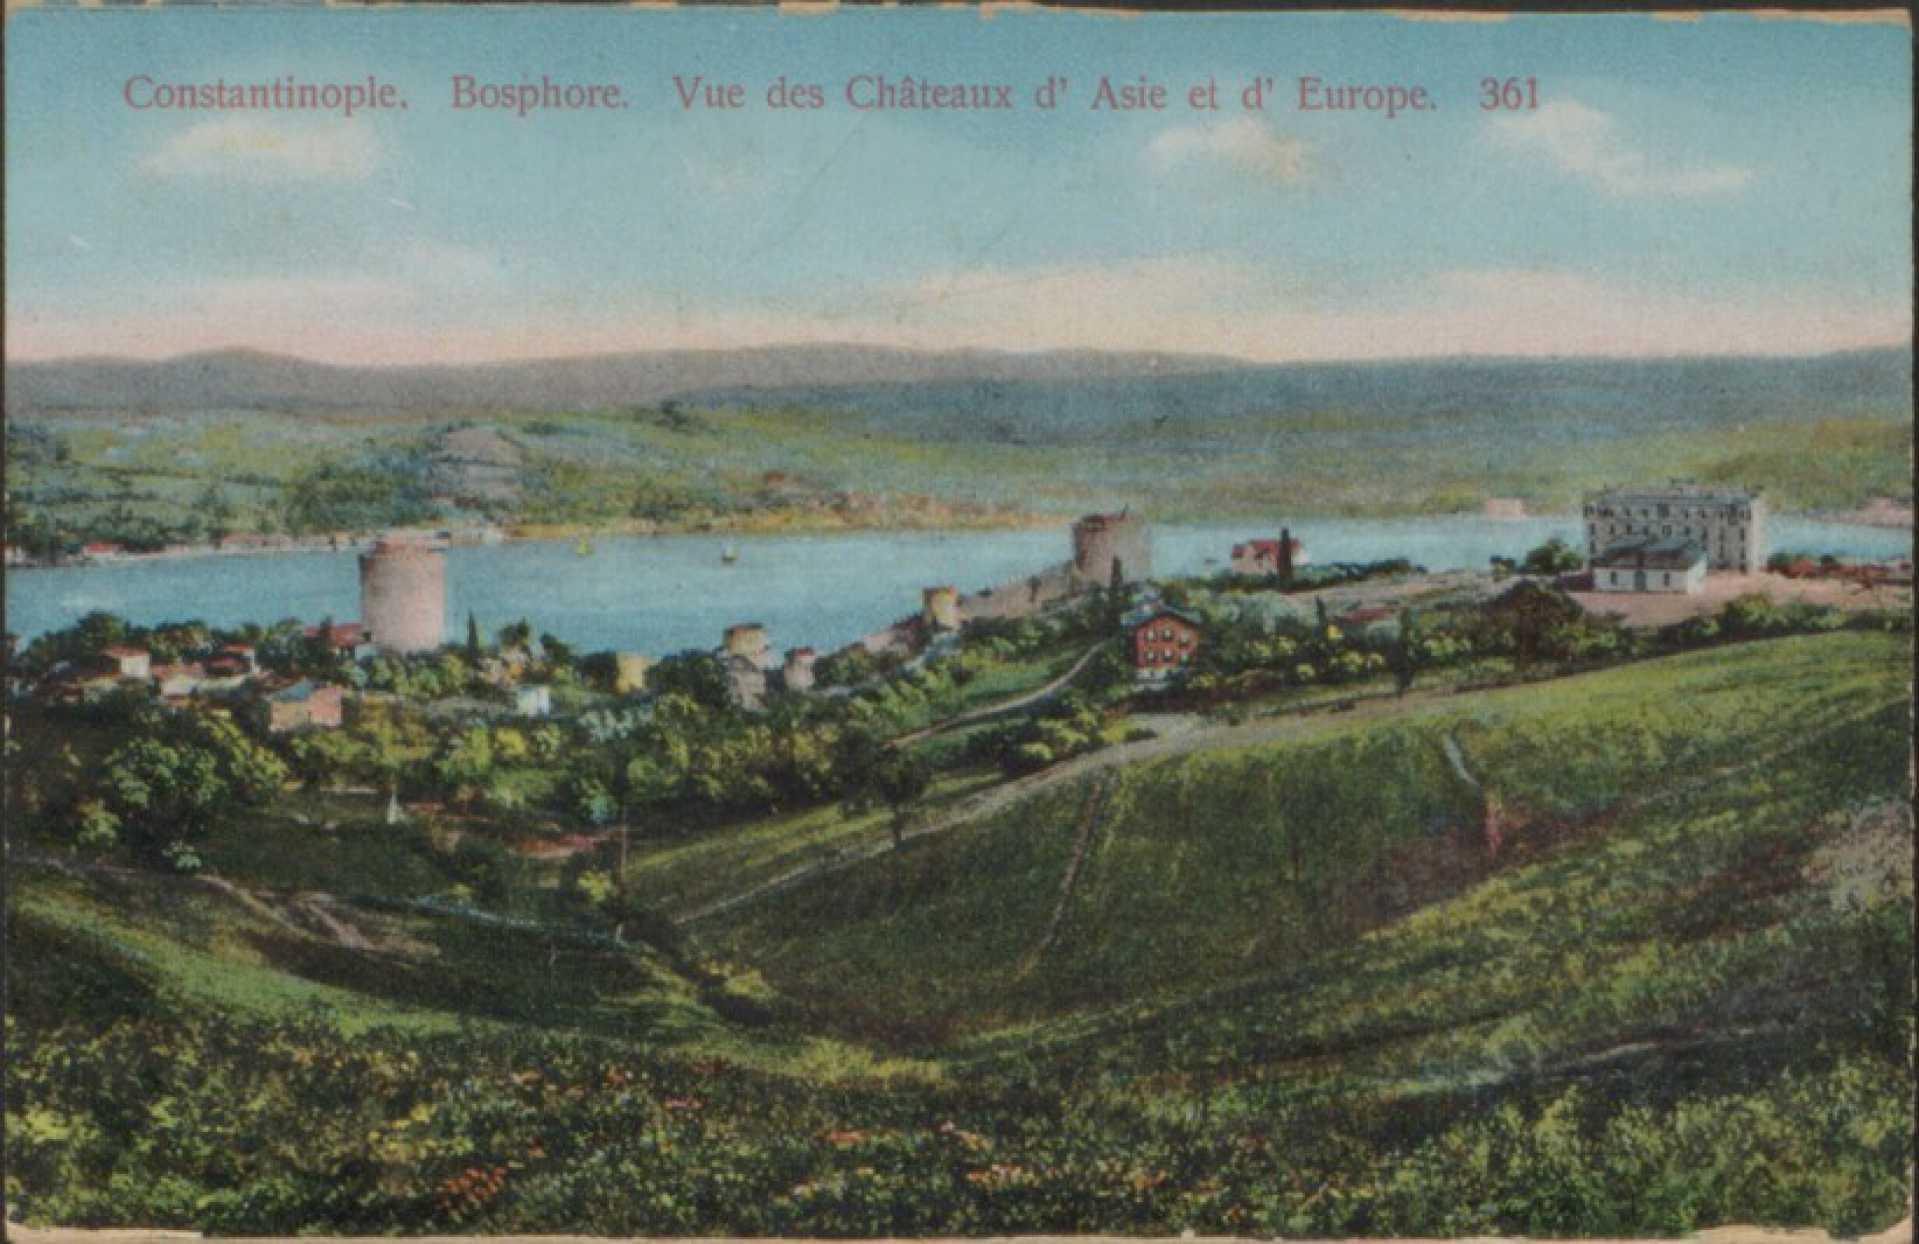 Bosphore – vue des chateaux d'Europe et d'Asie